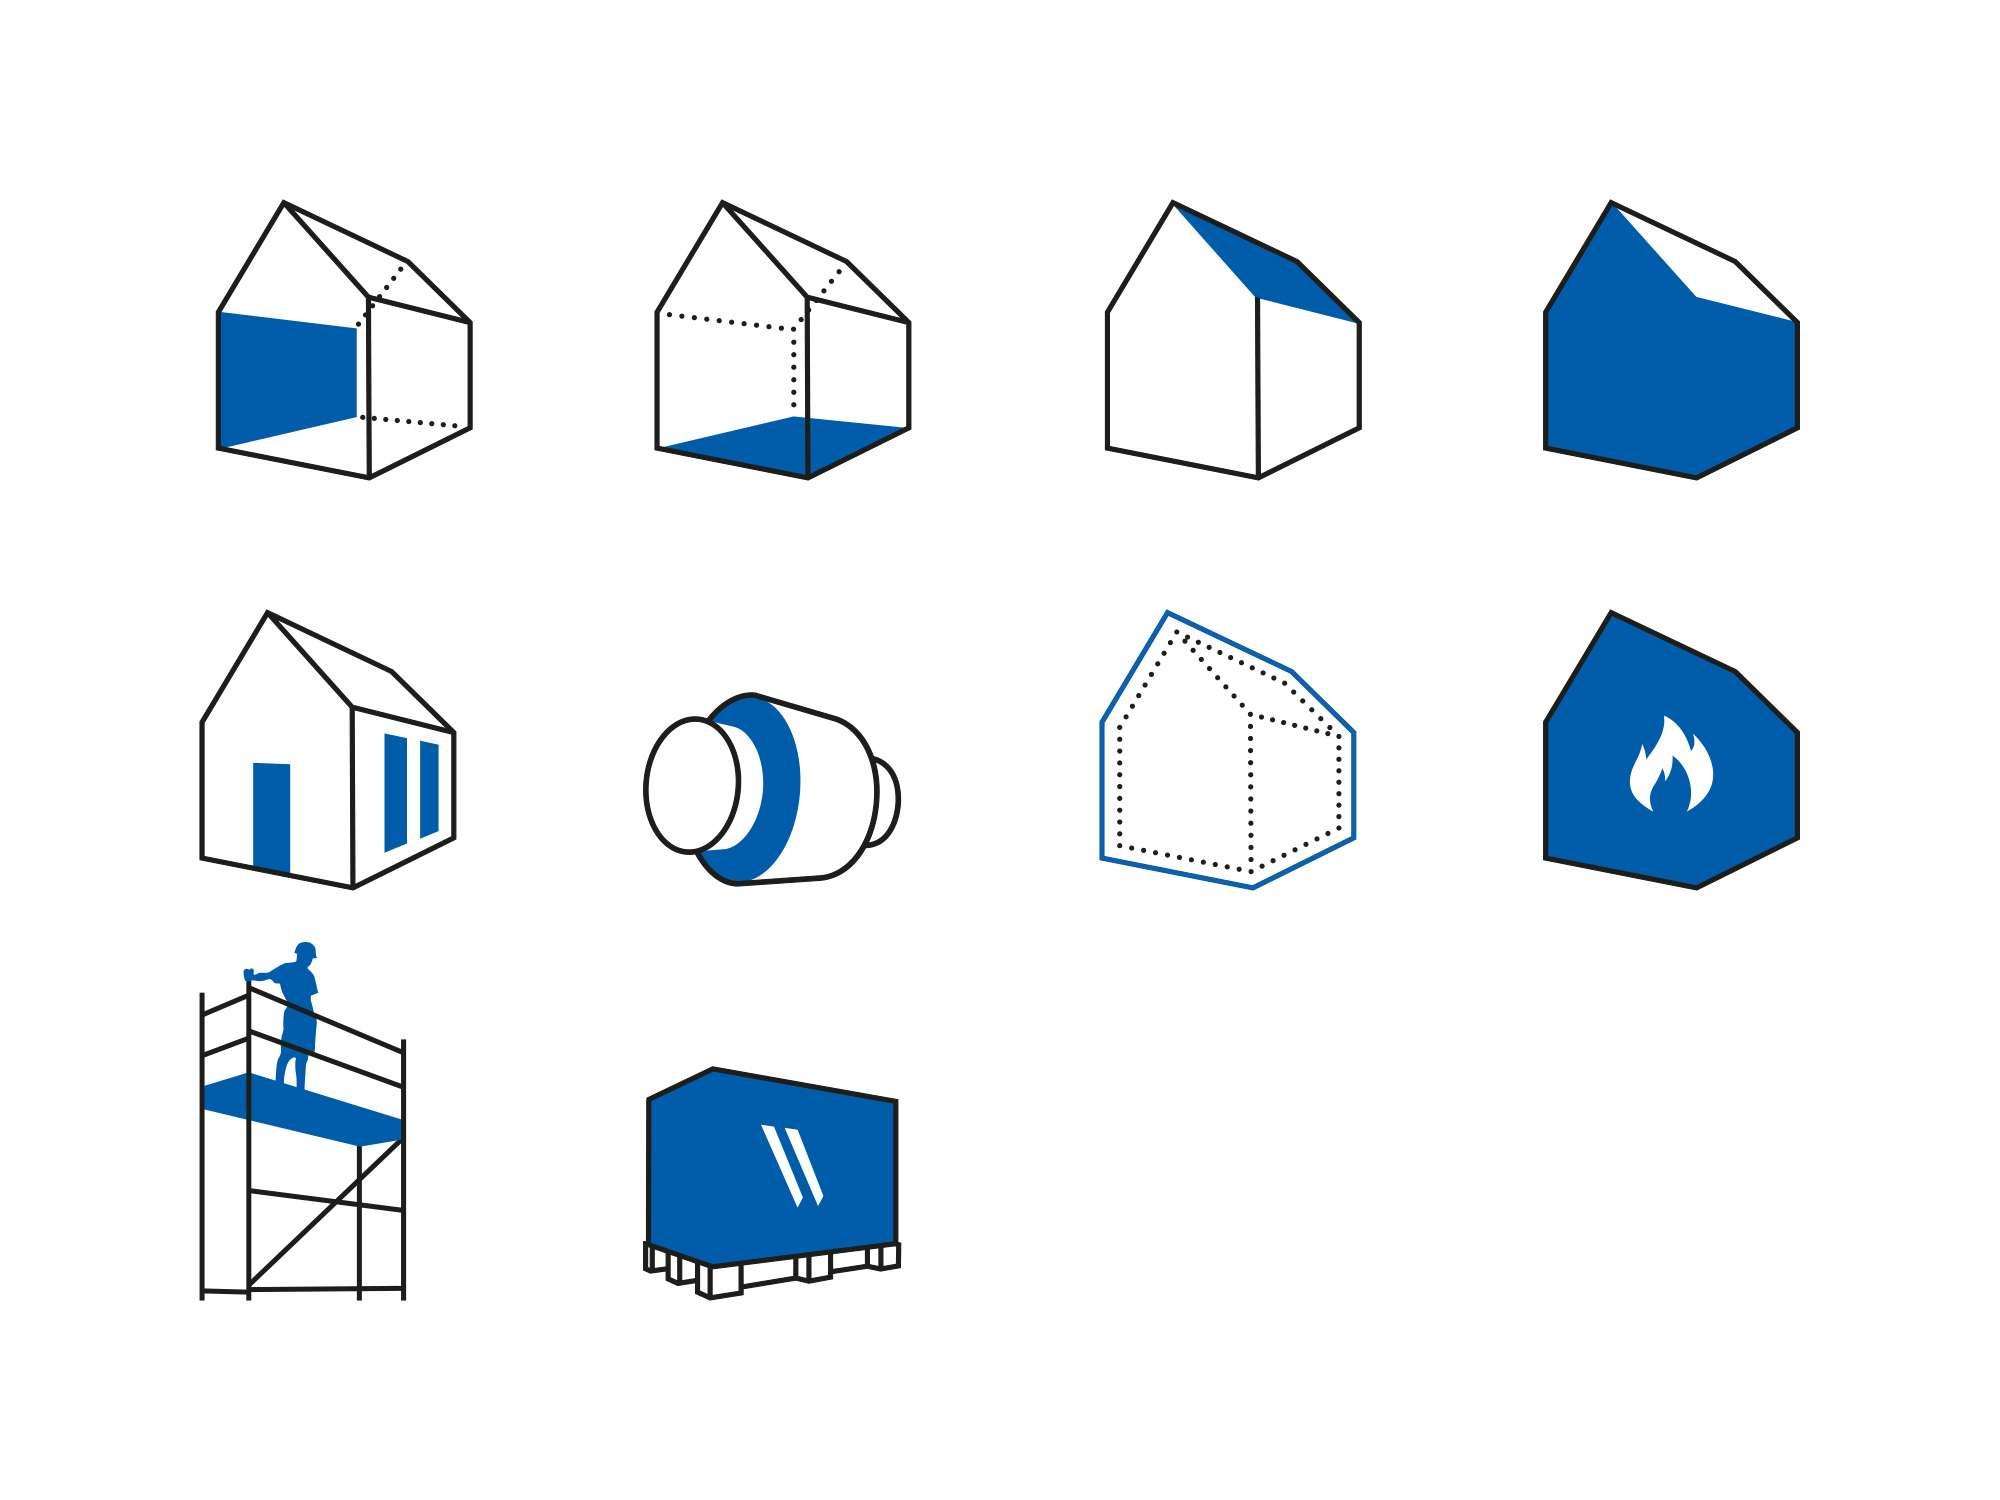 btb-wego-ikonografie-9